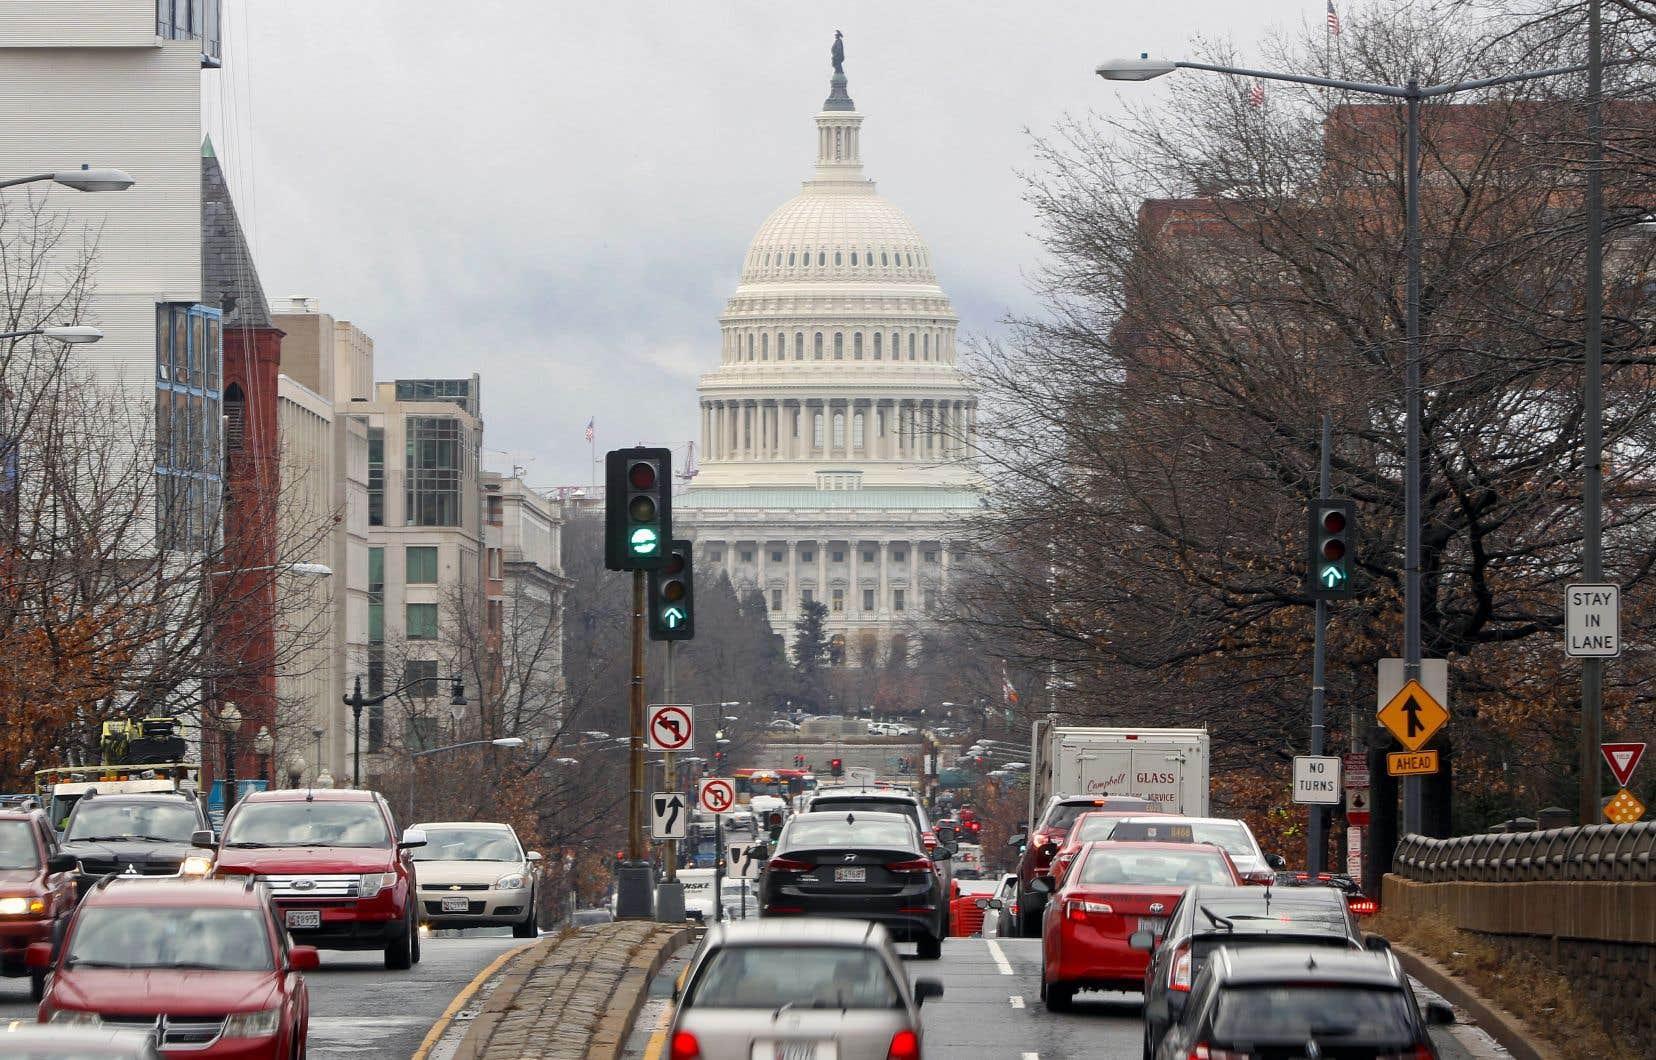 «Le Congrès n'avait pas pris en compte le conseil des économistes en 1930 et les Américains en avaient payé le prix à travers le pays», écrit la National Taxpayers Union.